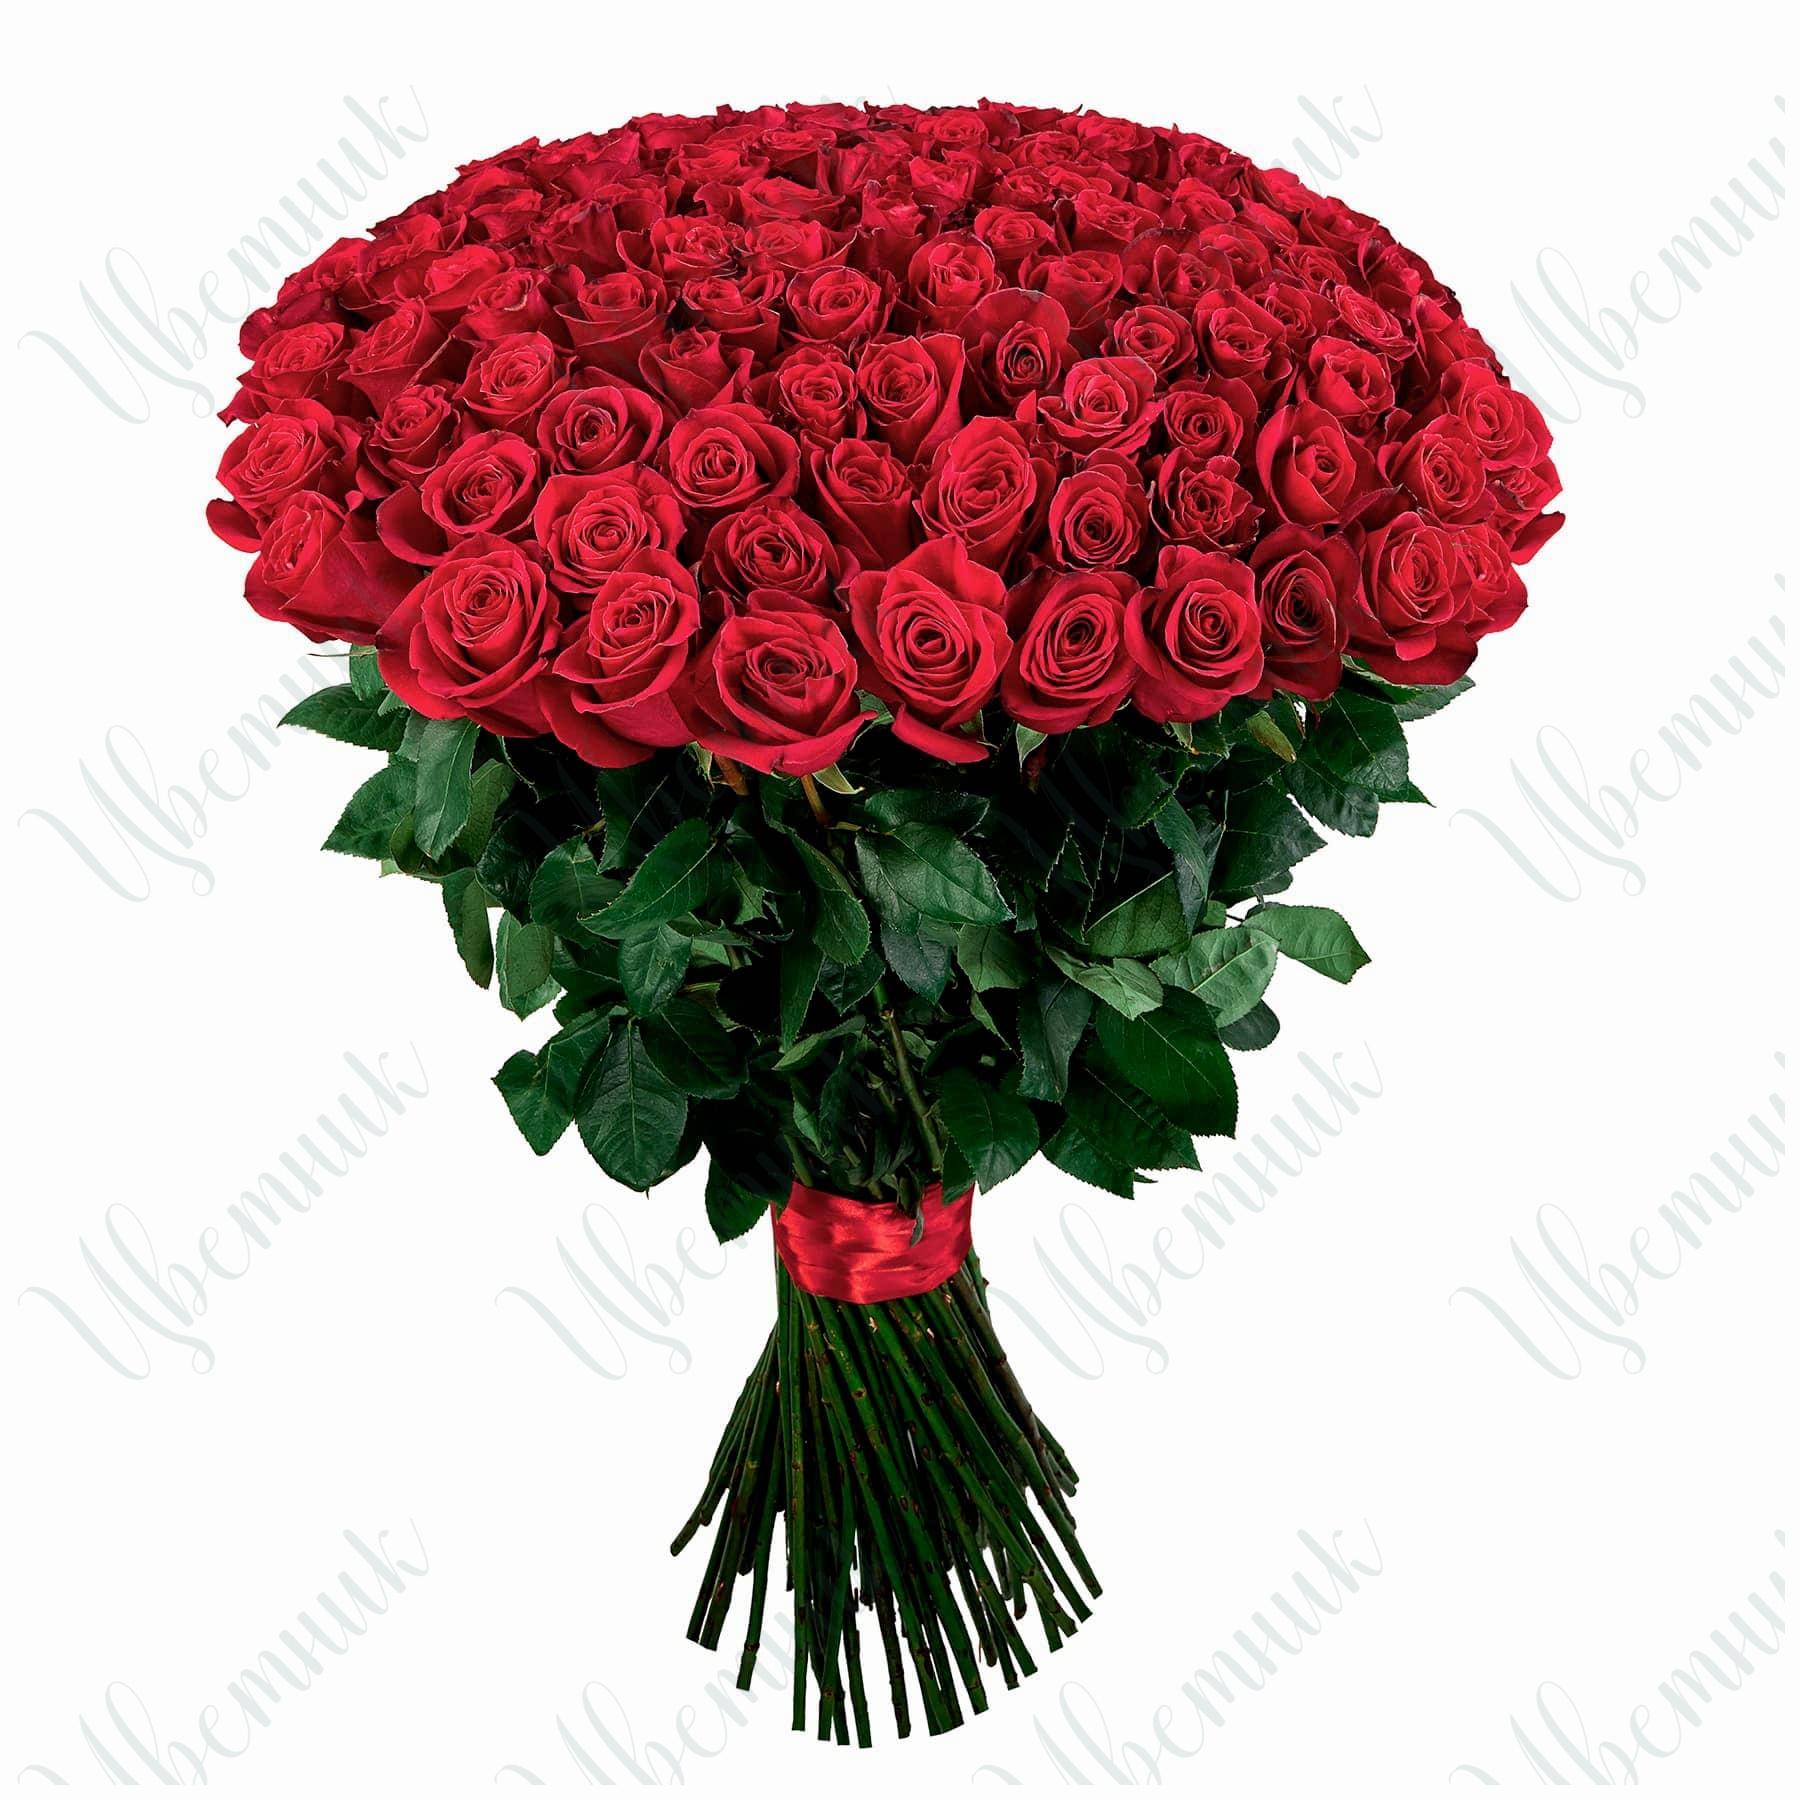 Роскошный букет из 101 красной розы, высотой 80 см